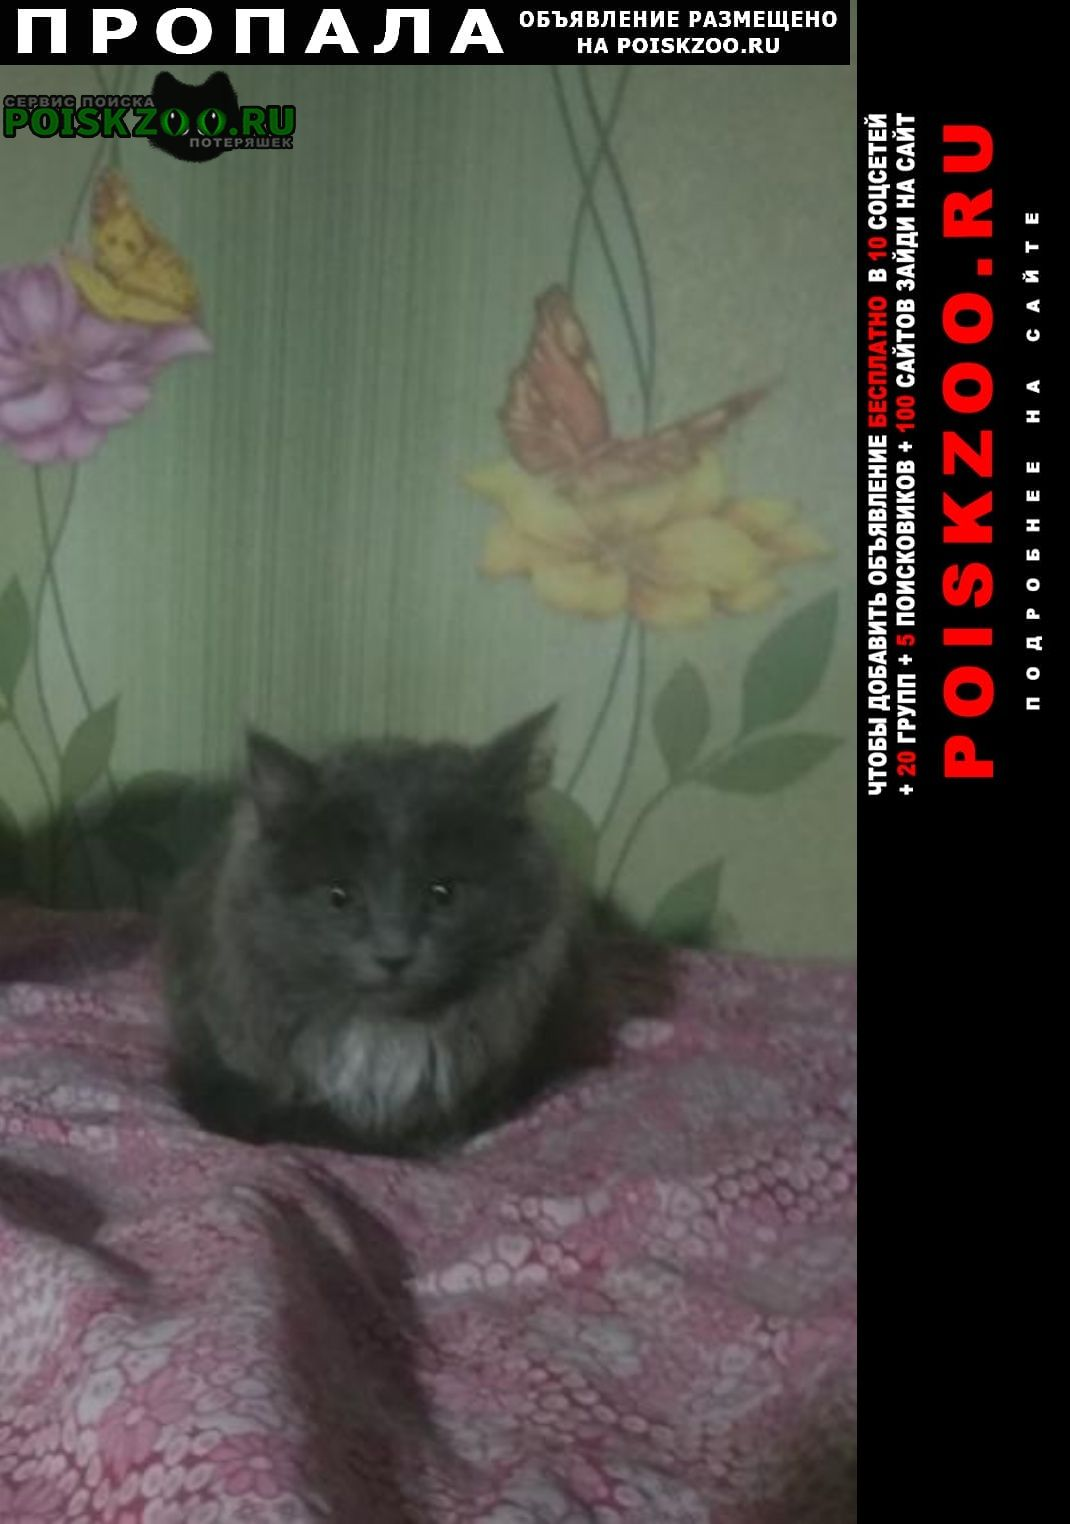 Пропал кот пожалуйста верните енка если взяли Чекмагуш